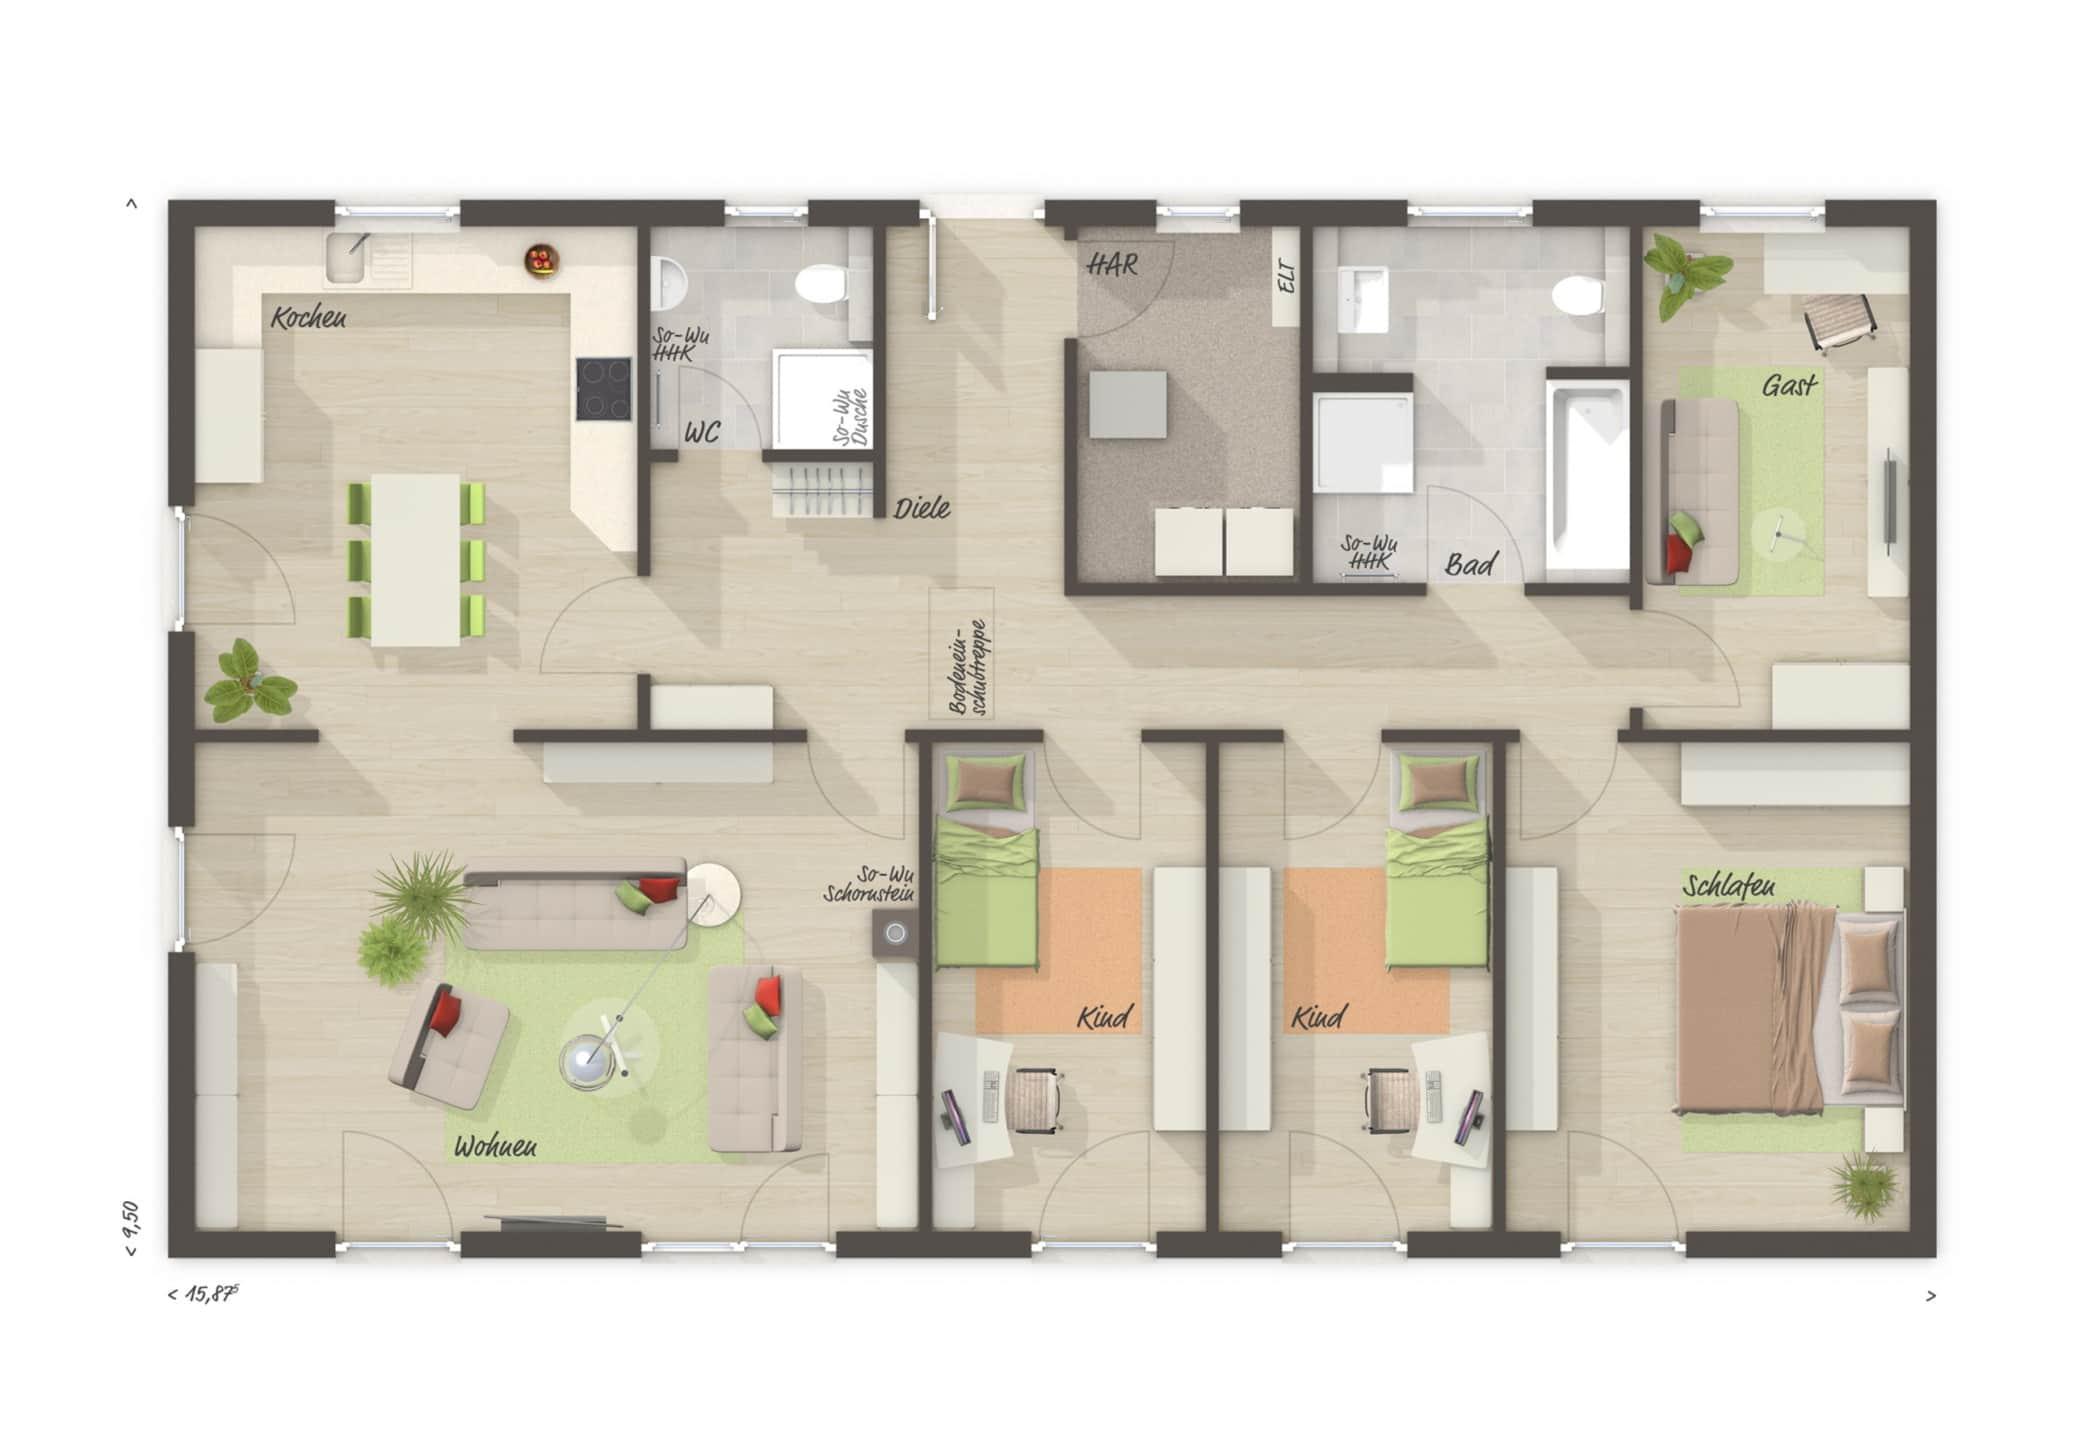 Bungalow Haus Grundriss rechteckig, 5 Zimmer, 130 qm - Massivhaus bauen Ideen Town Country Haus Bungalow 131 - HausbauDirekt.de